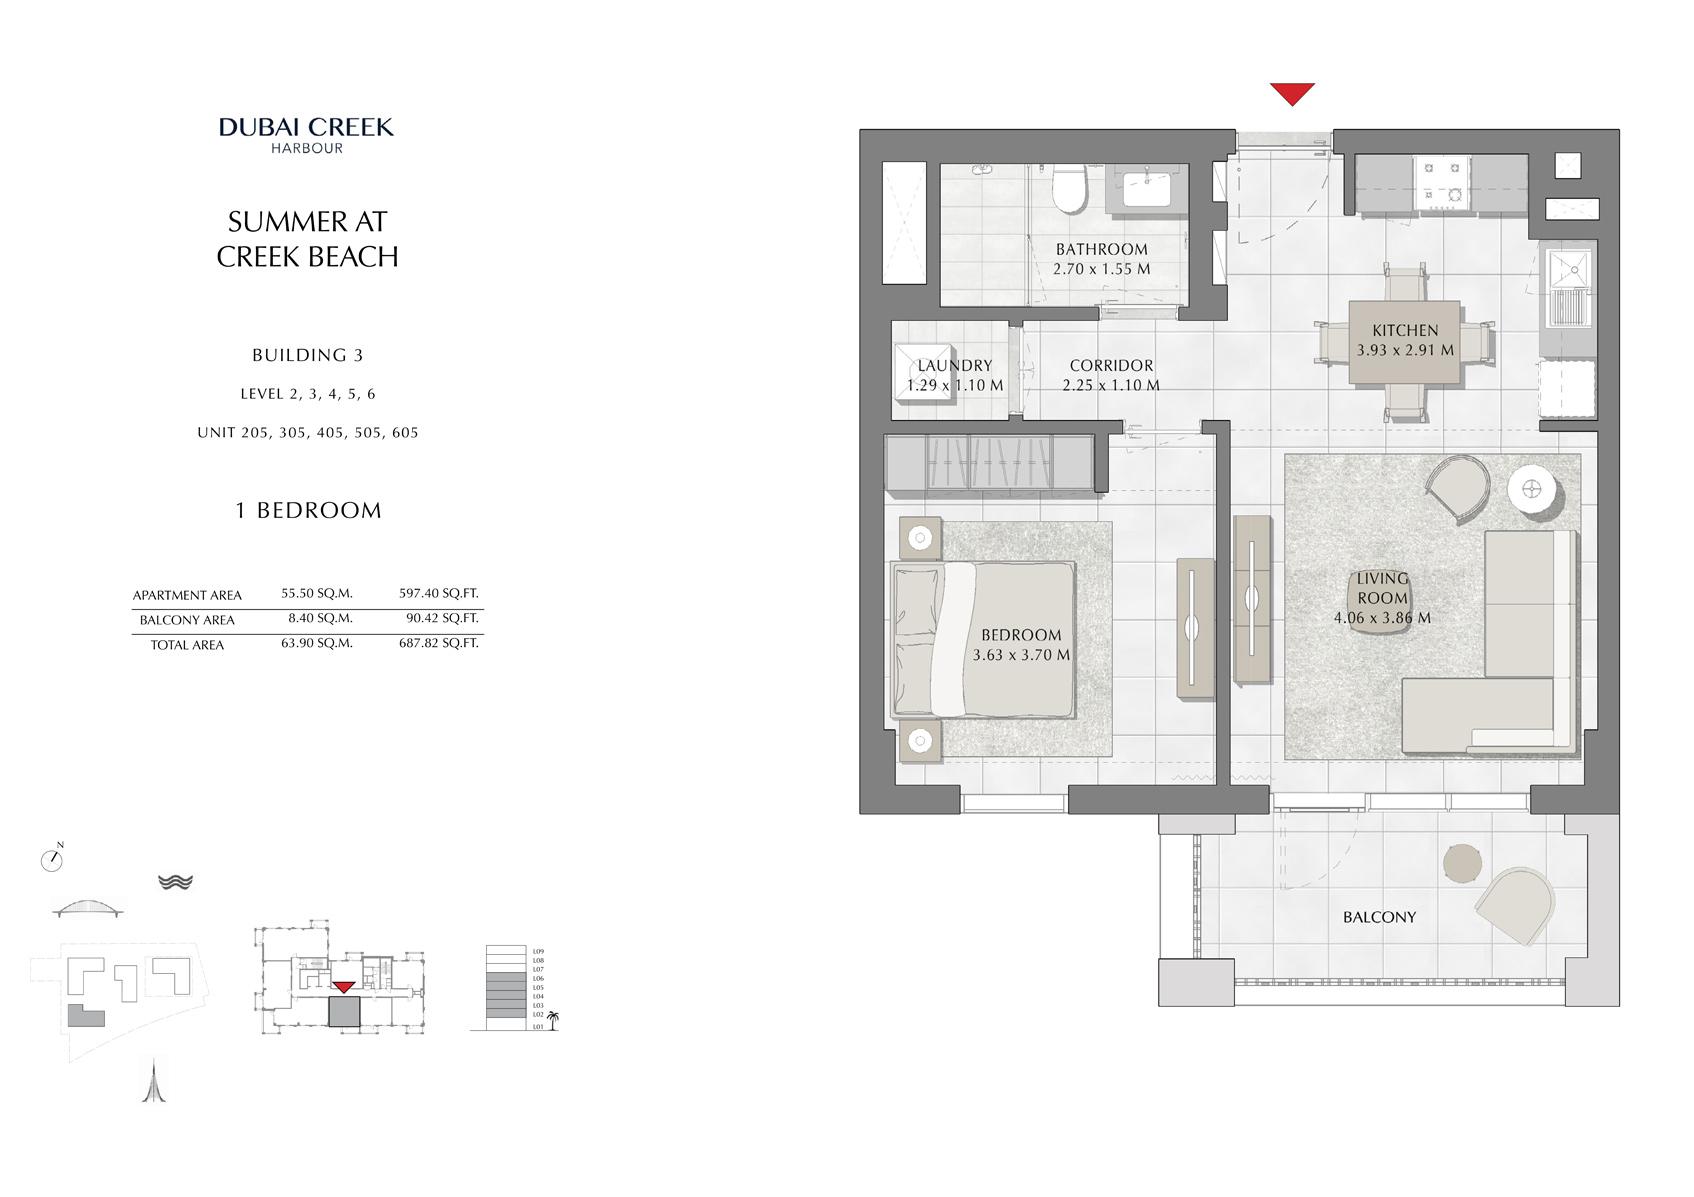 1 Br Building 3 Level-2-3-4-5-6 Unit-205-305-405-505-605, Size 687 Sq Ft